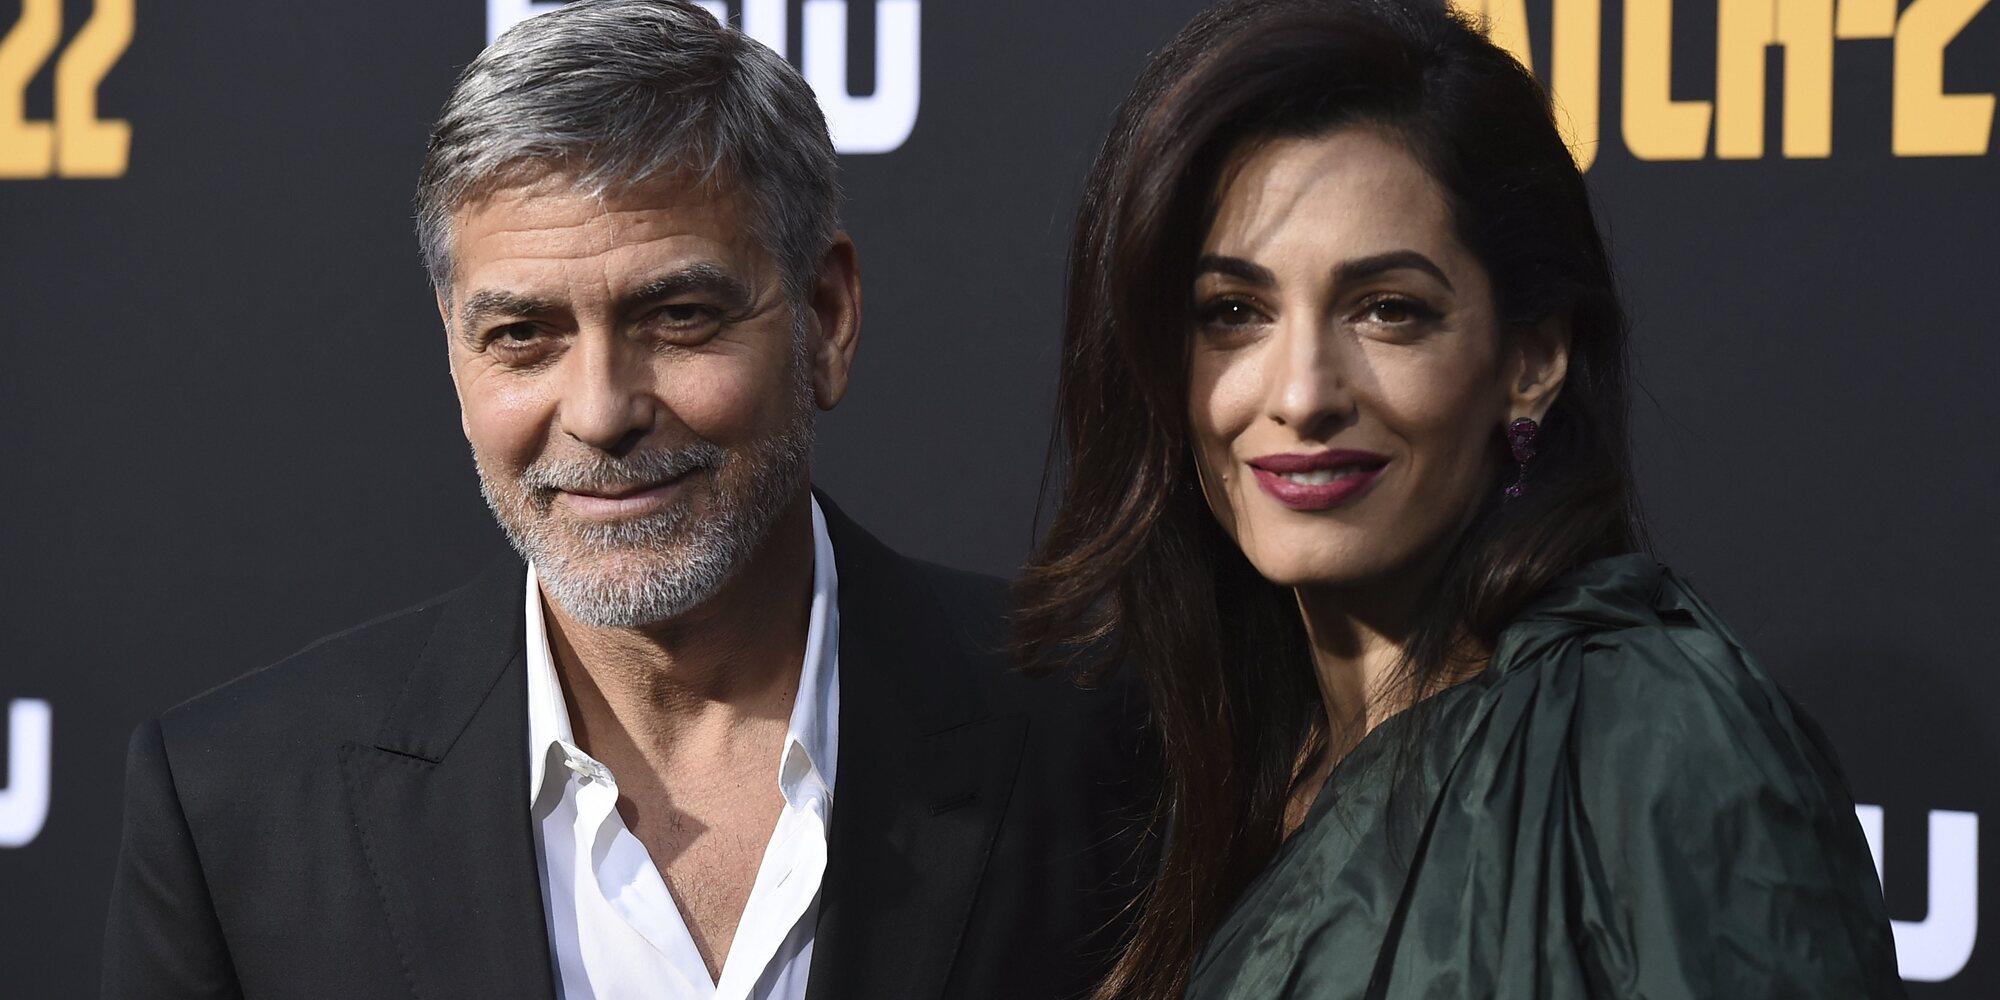 George y Amal Clooney desmienten los rumores de embarazo